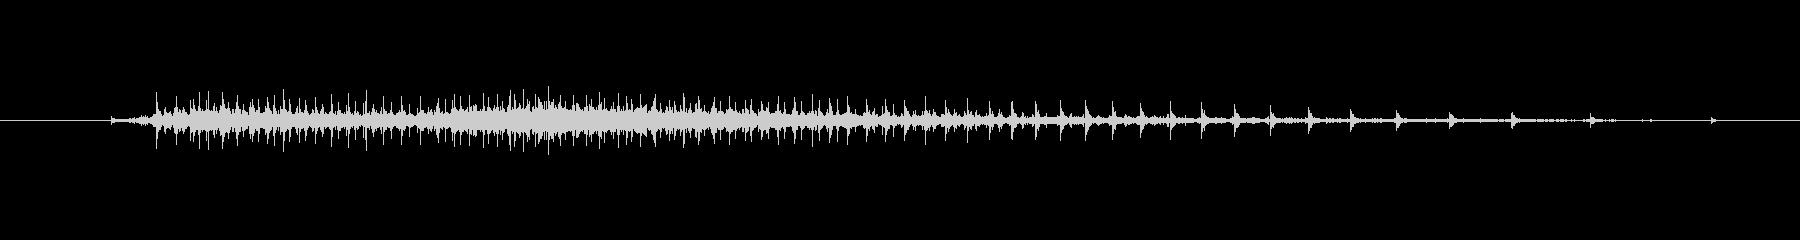 工業 ロックドリルチゼルバースト改訂01の未再生の波形